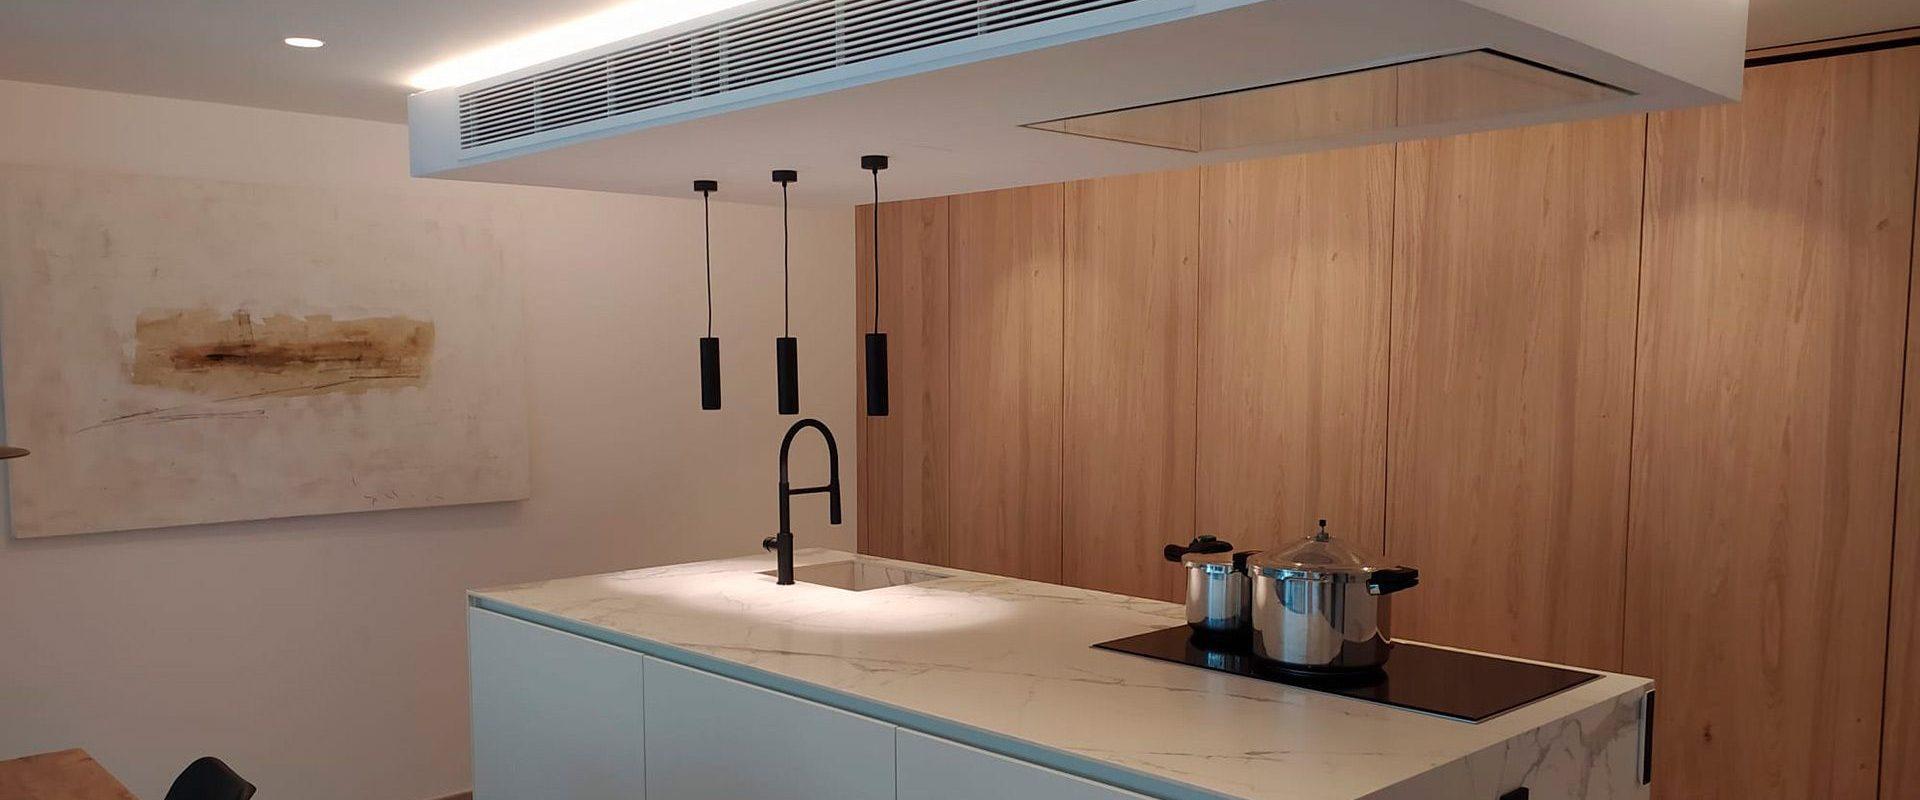 INICIO instalacion cocina 800